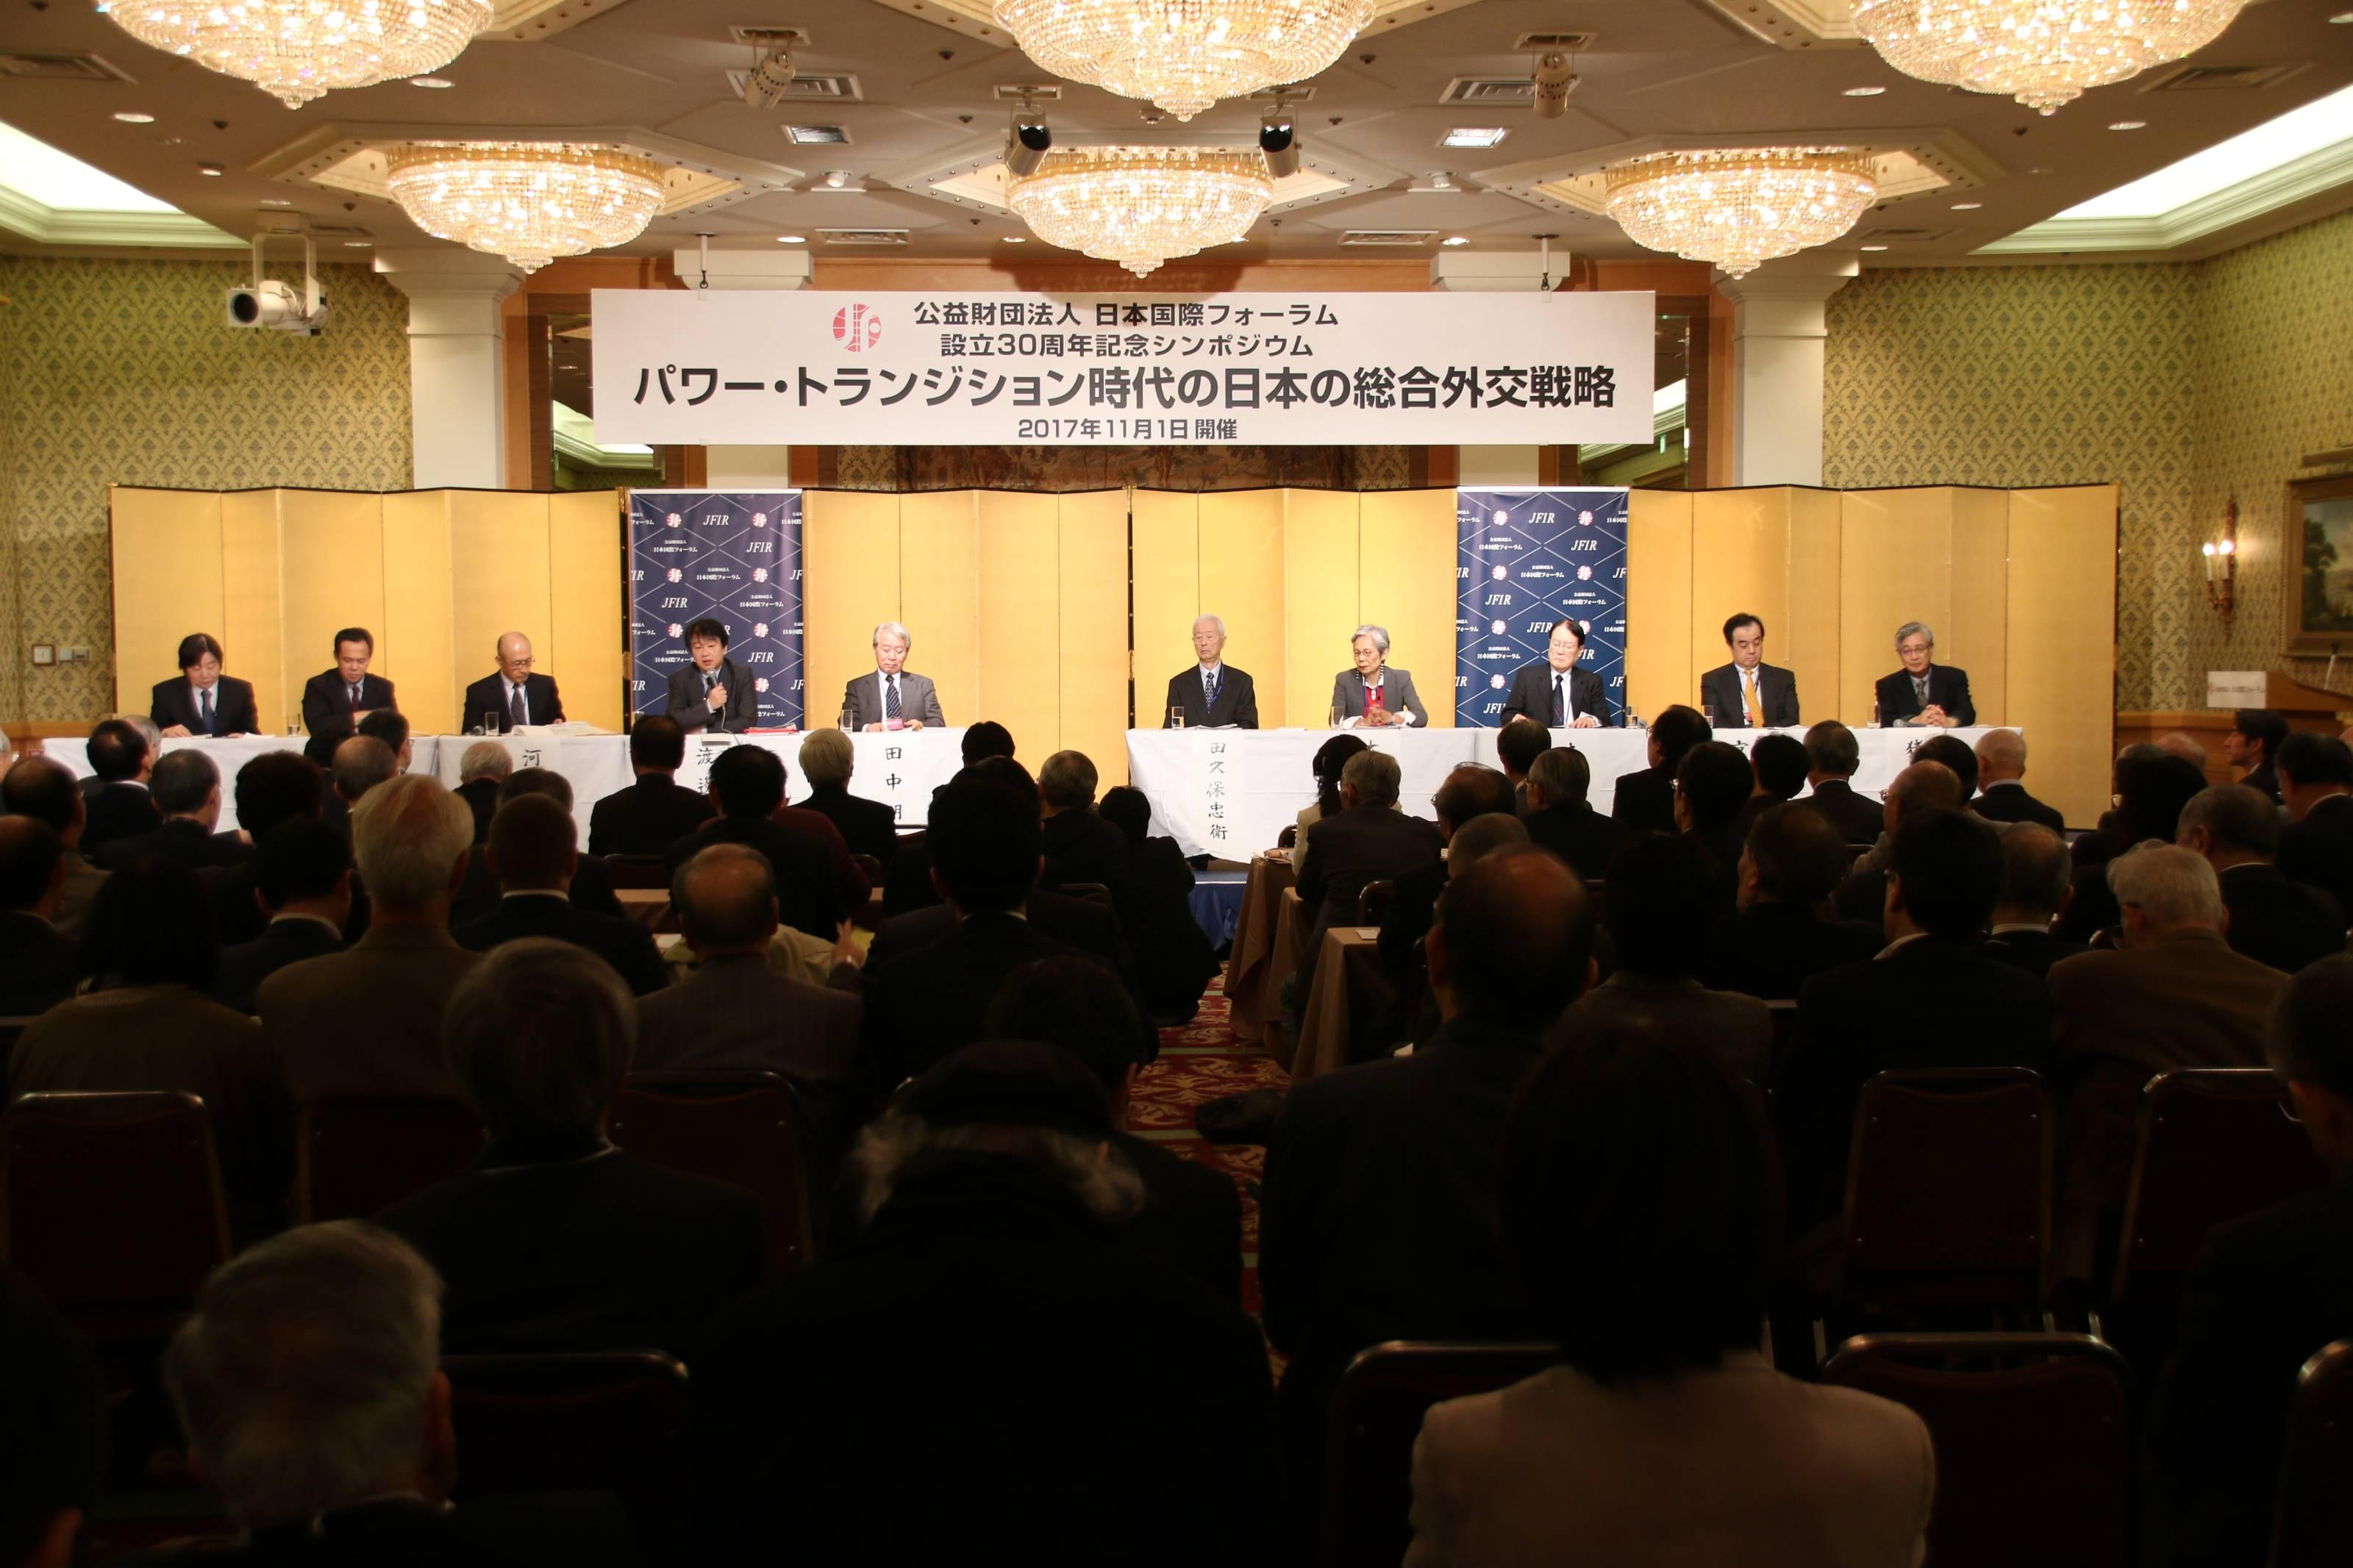 公益財団法人 日本国際フォーラム